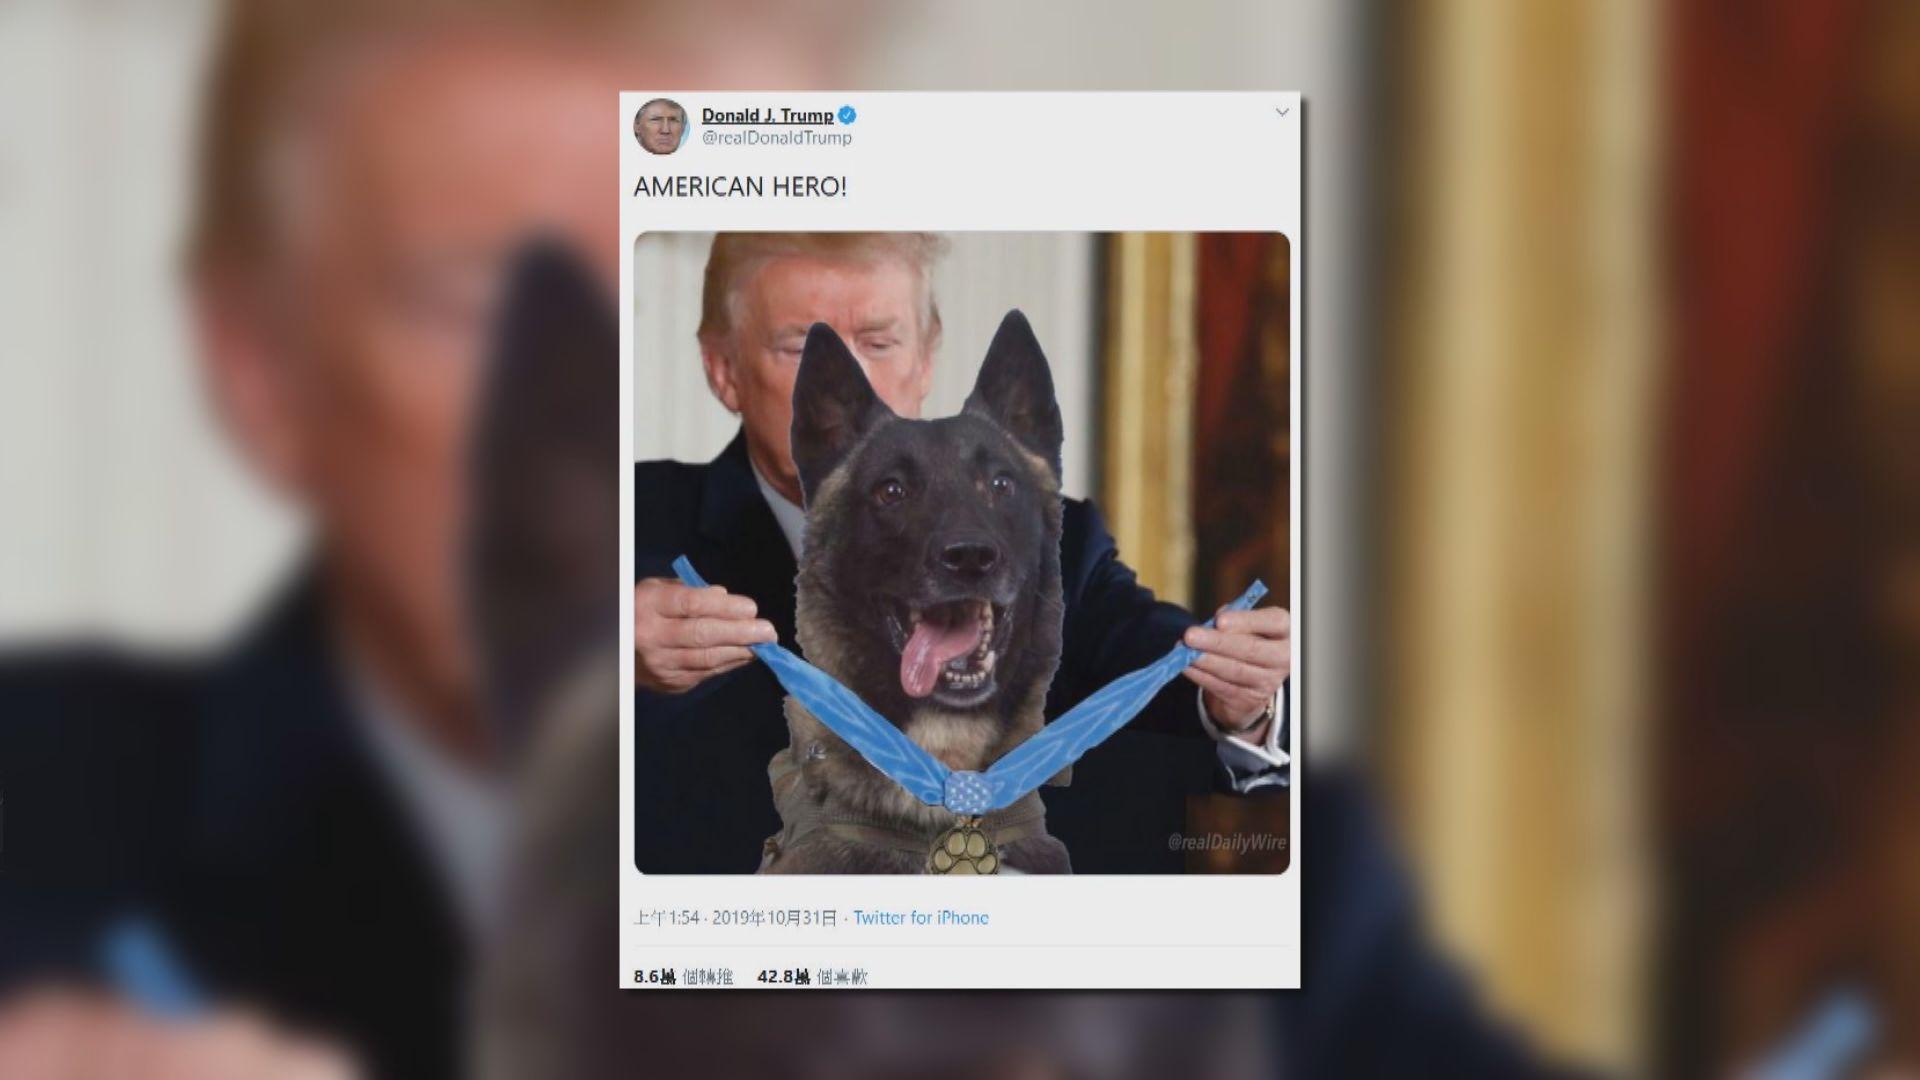 【環球薈報】特朗普發放向軍犬頒發勳章「假照片」